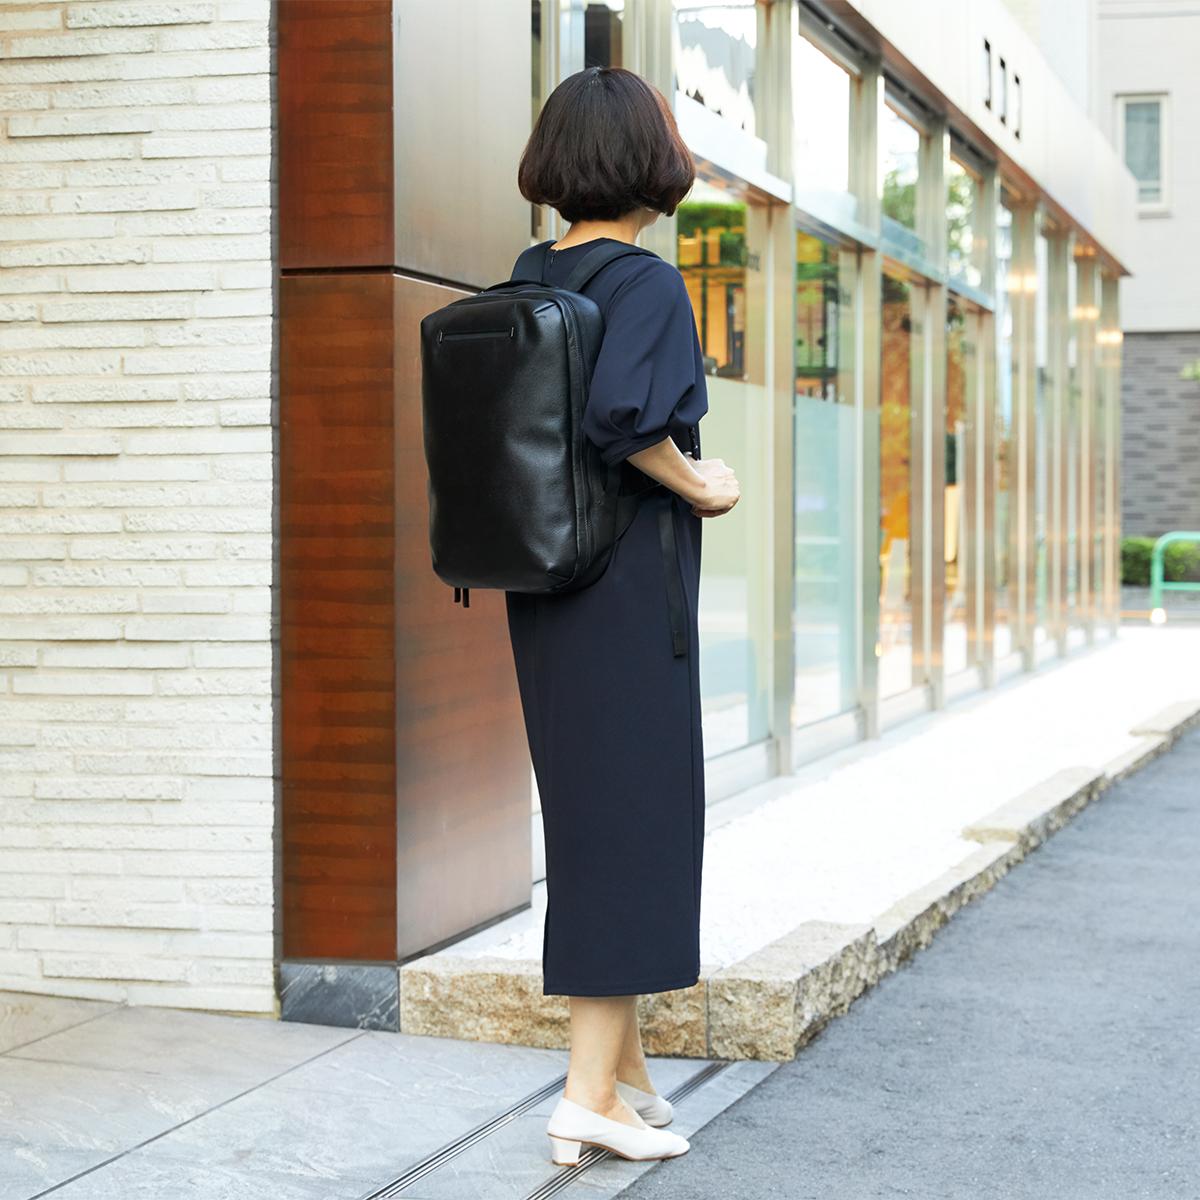 ビジネススーツにも、カジュアルスタイルにも、しっくり馴染む、懐の深いシンプルさ。 防水レザー、超軽量、直感ポケット付きの日本製レザーバッグ PCバッグ・トートバッグ・リュック・バックパック FARO(ファーロ)